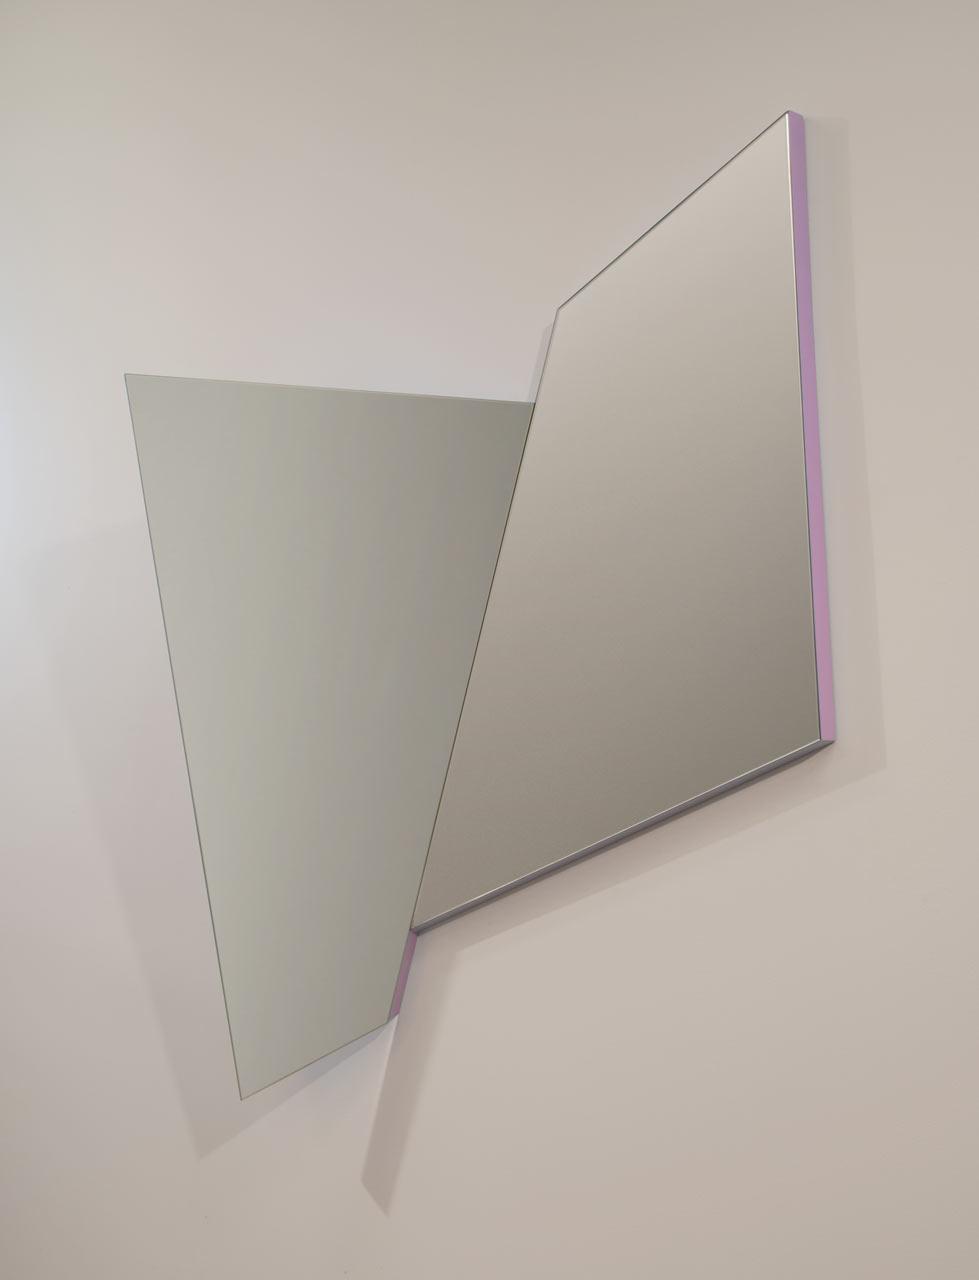 Stonefox-Architects-3D-Sculptural-Mirrors-hisheji (4)